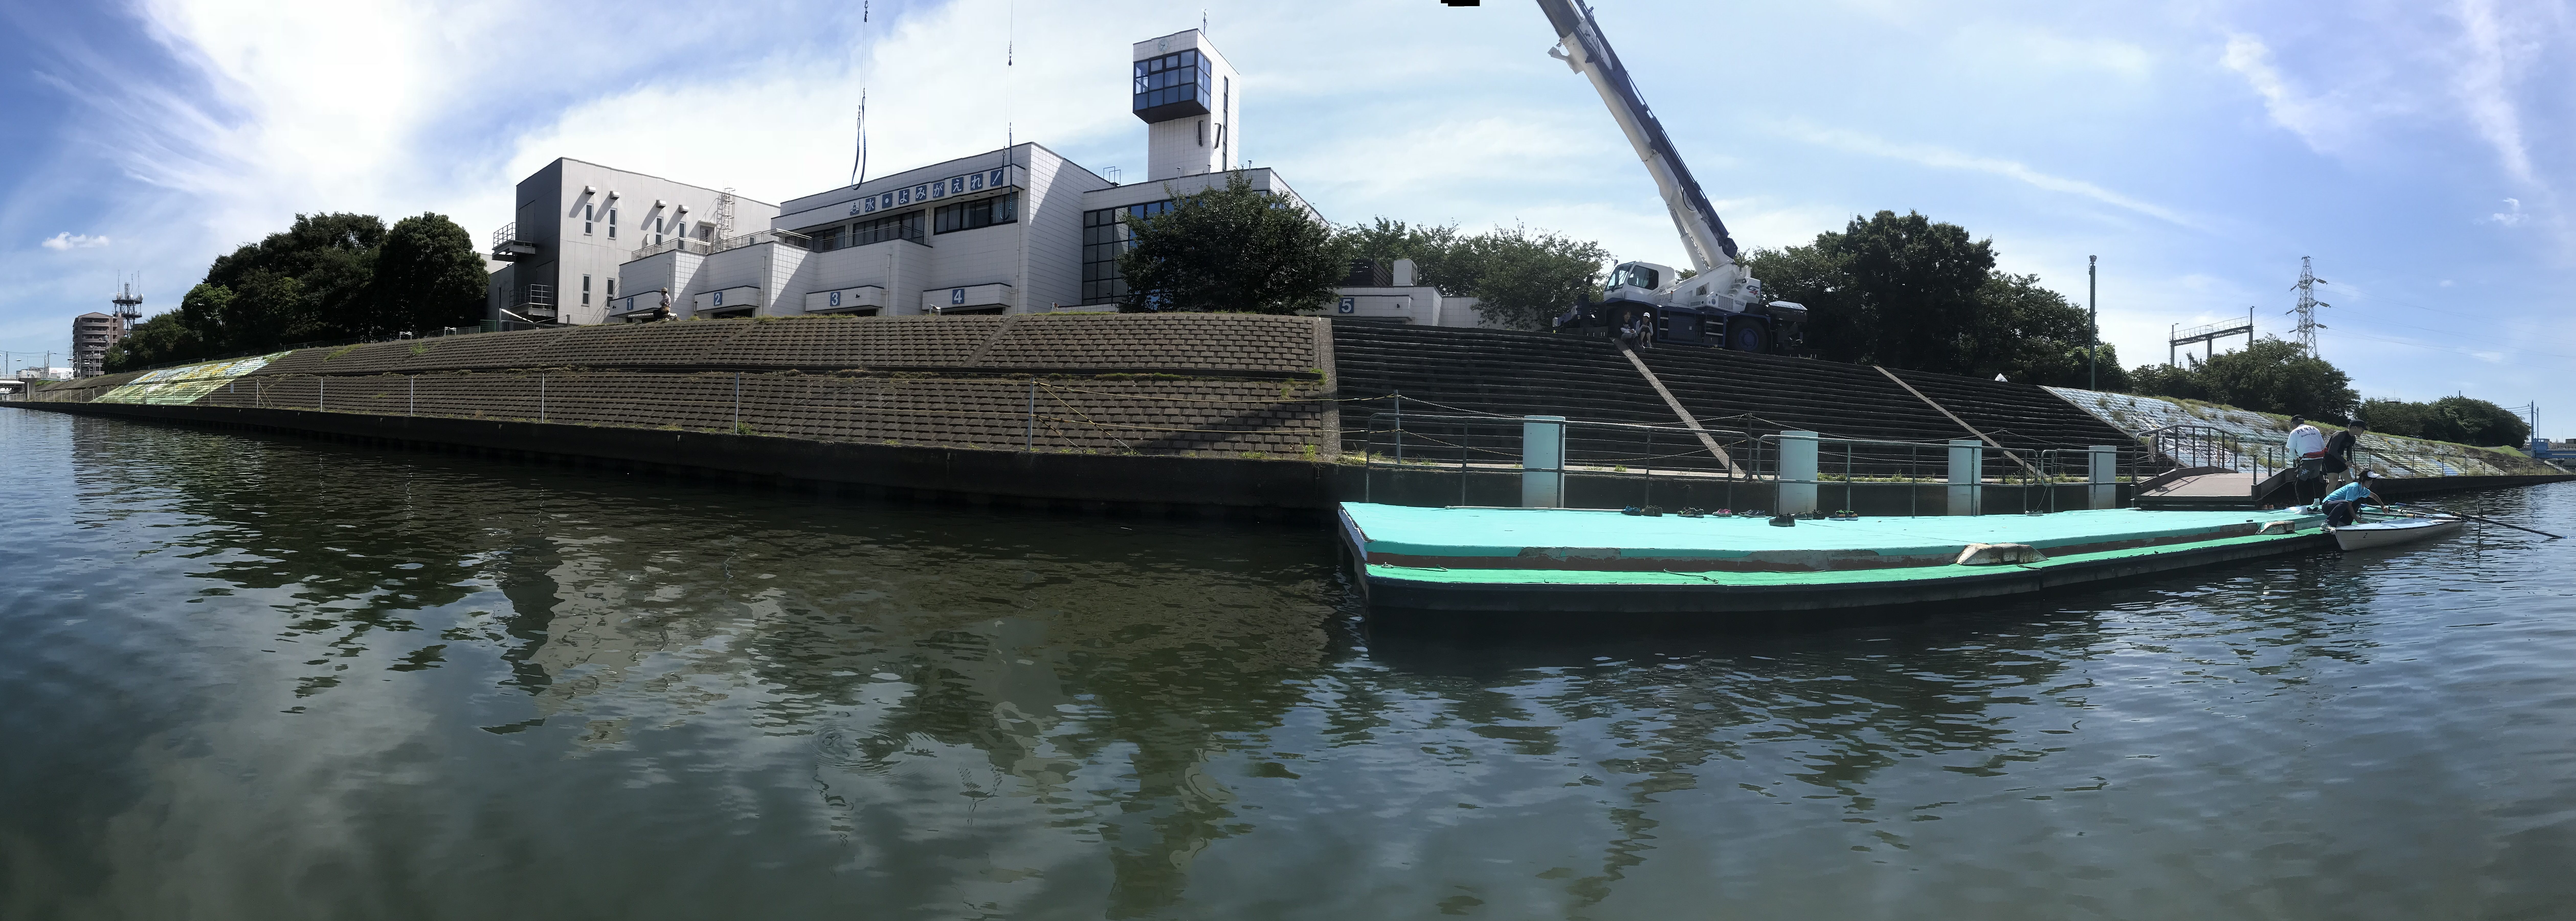 鶴見川漕艇場を鶴見川から見たパノラマ写真